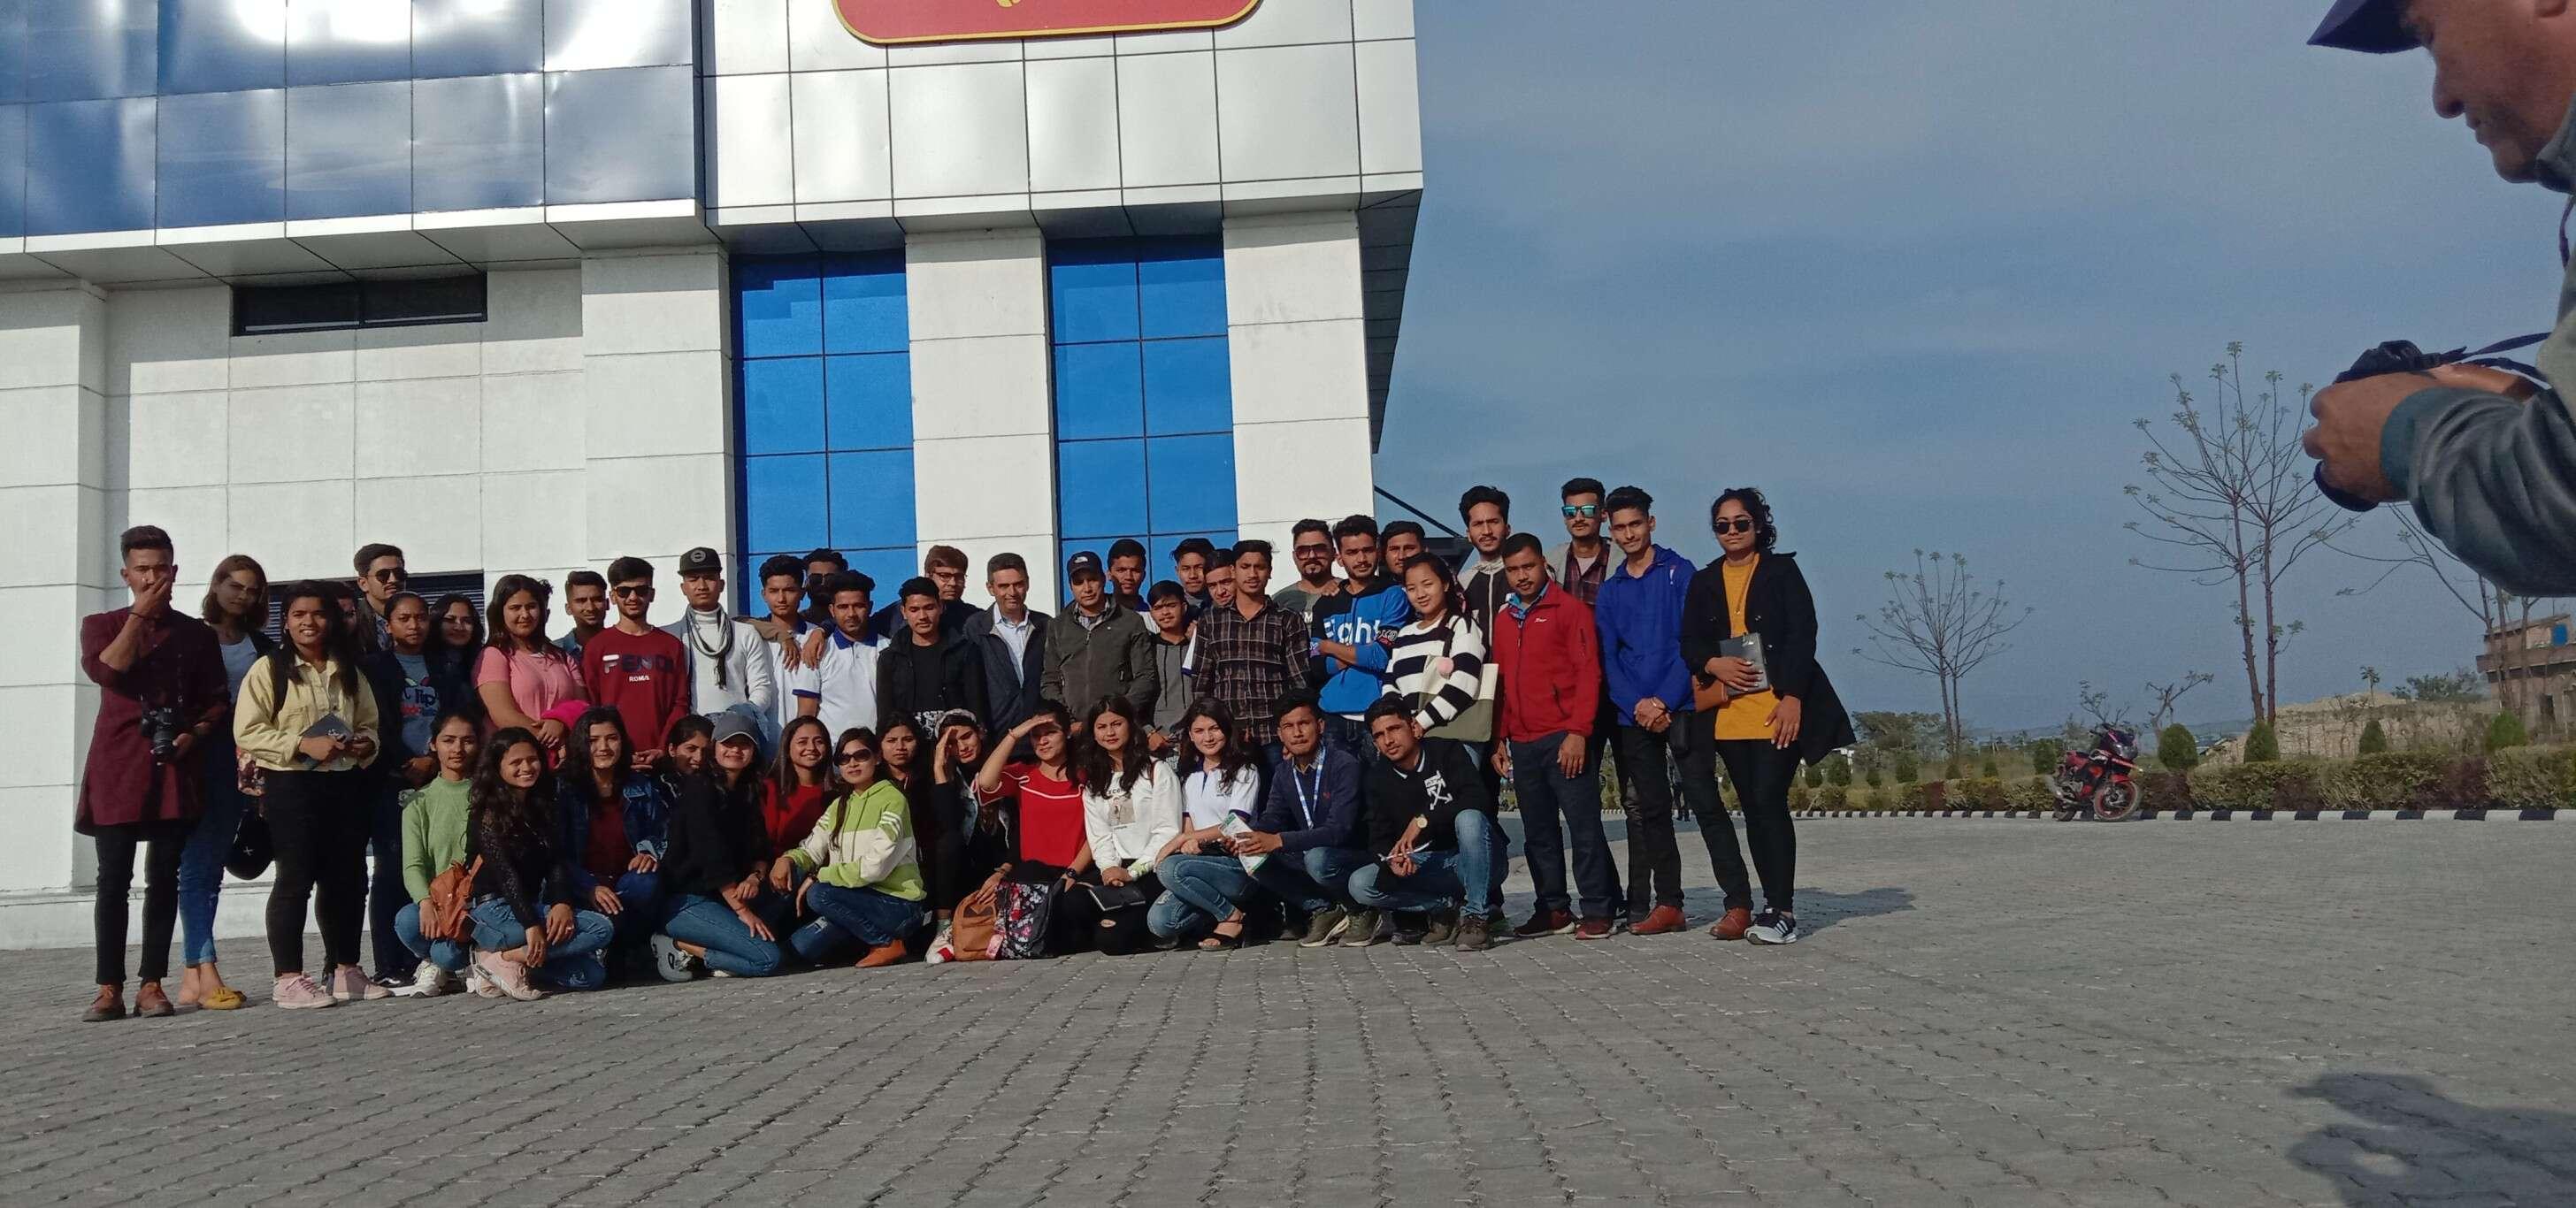 Nast College